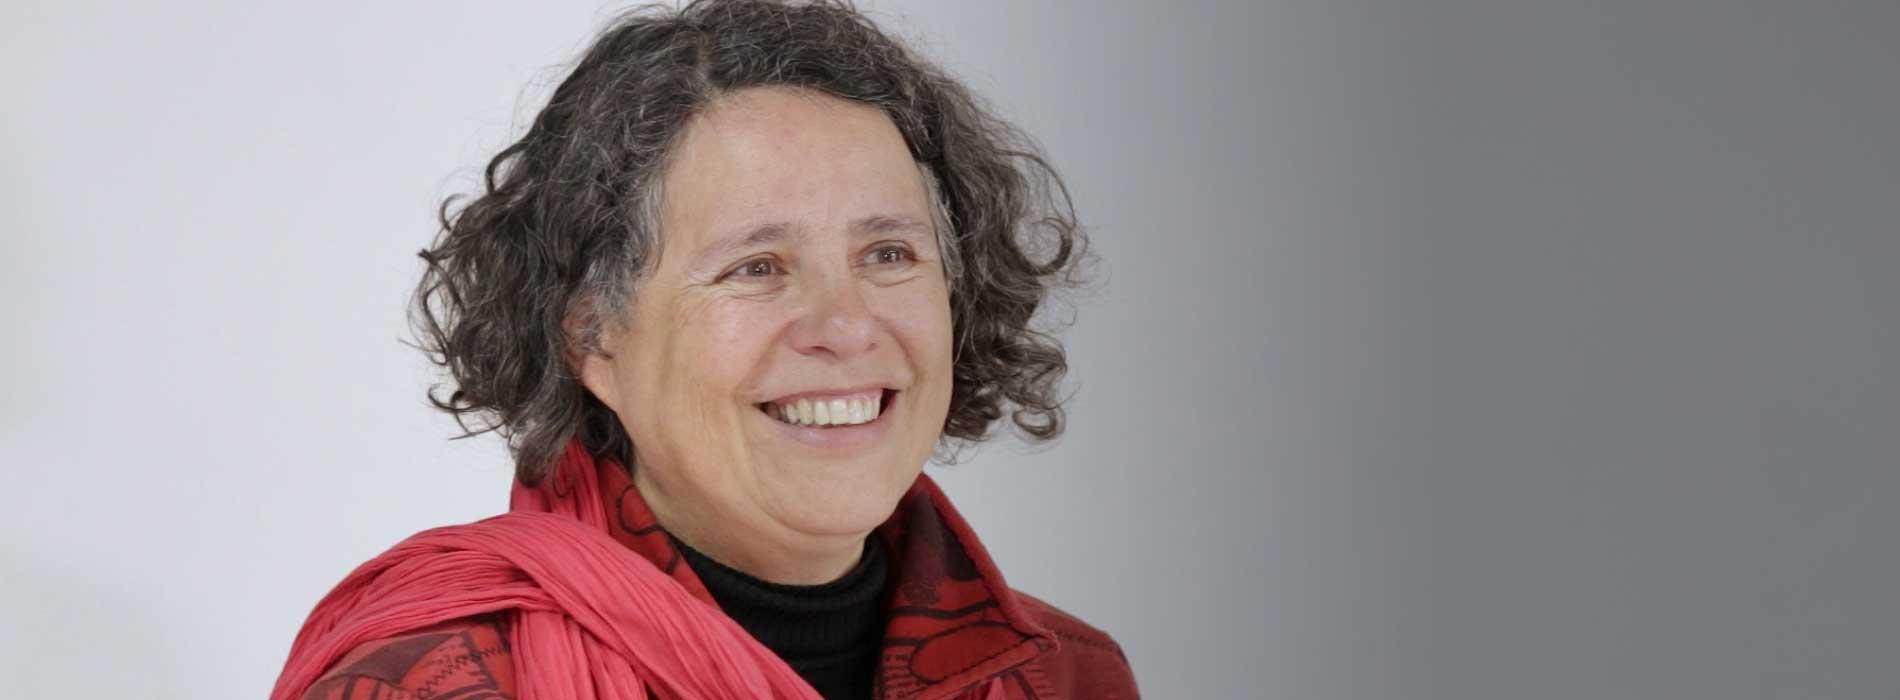 Cándida Ferreira, brasileña radicada en Bogotá.